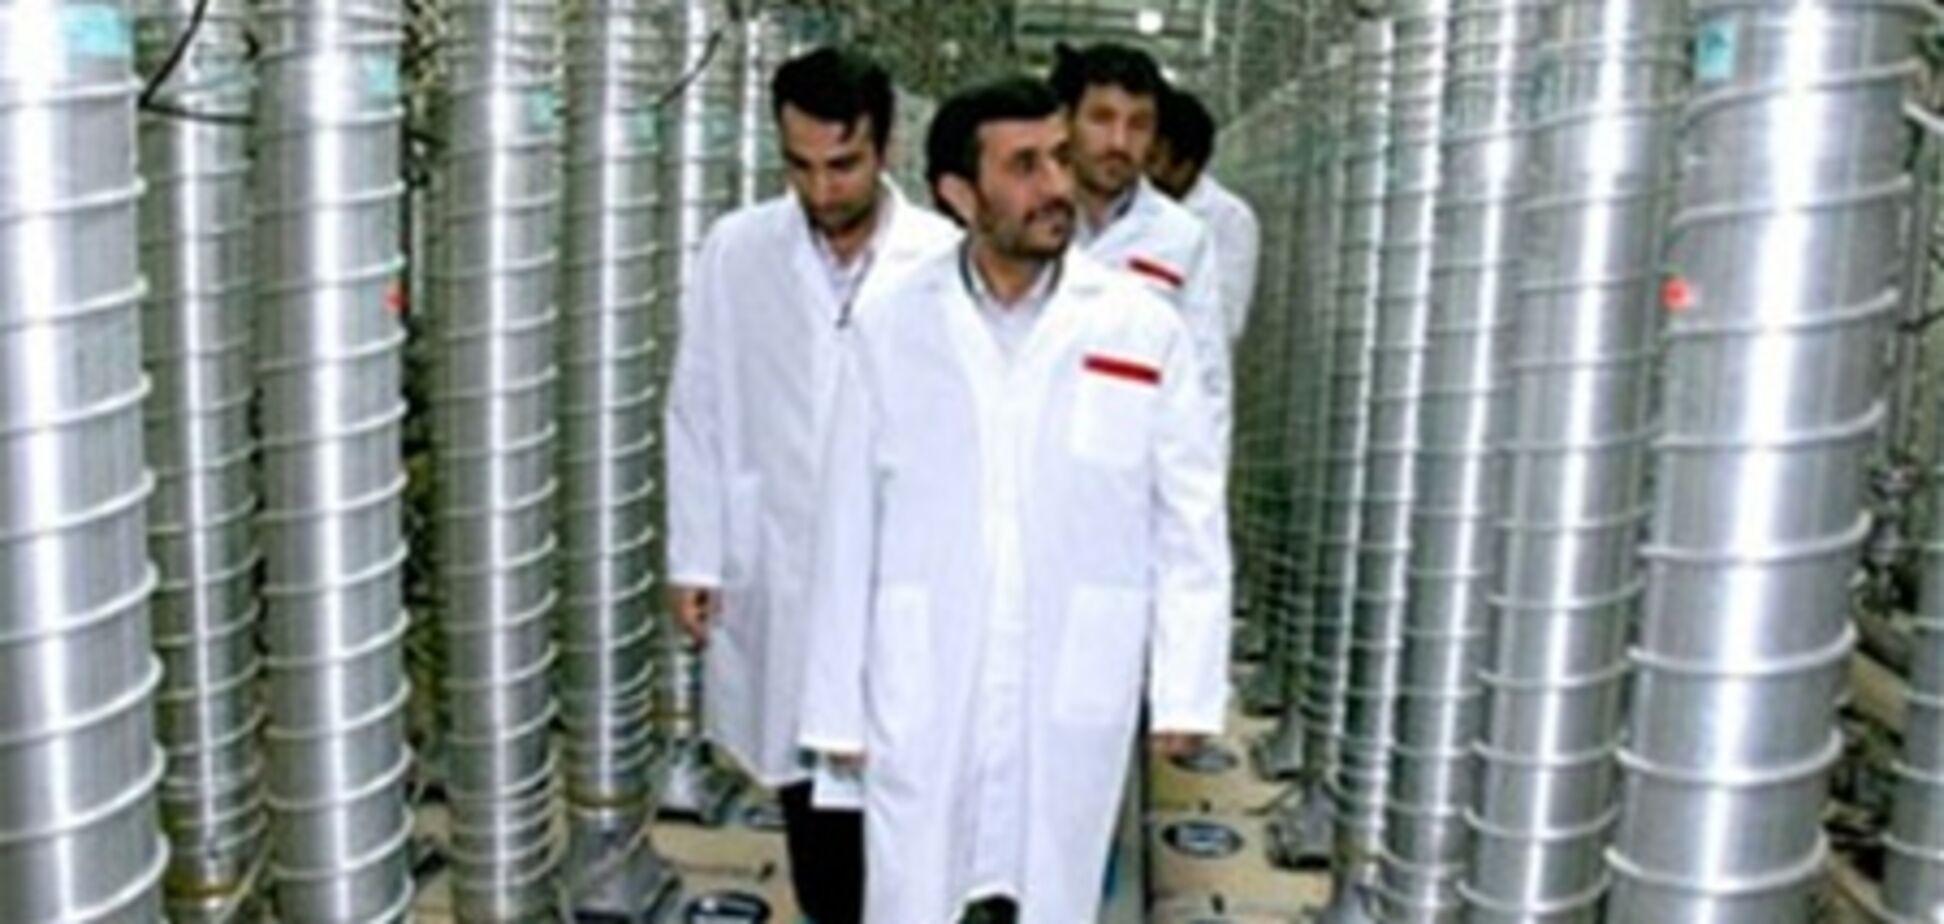 Іран в 2012 році виробить ядерне випробування - ізраїльські експерти